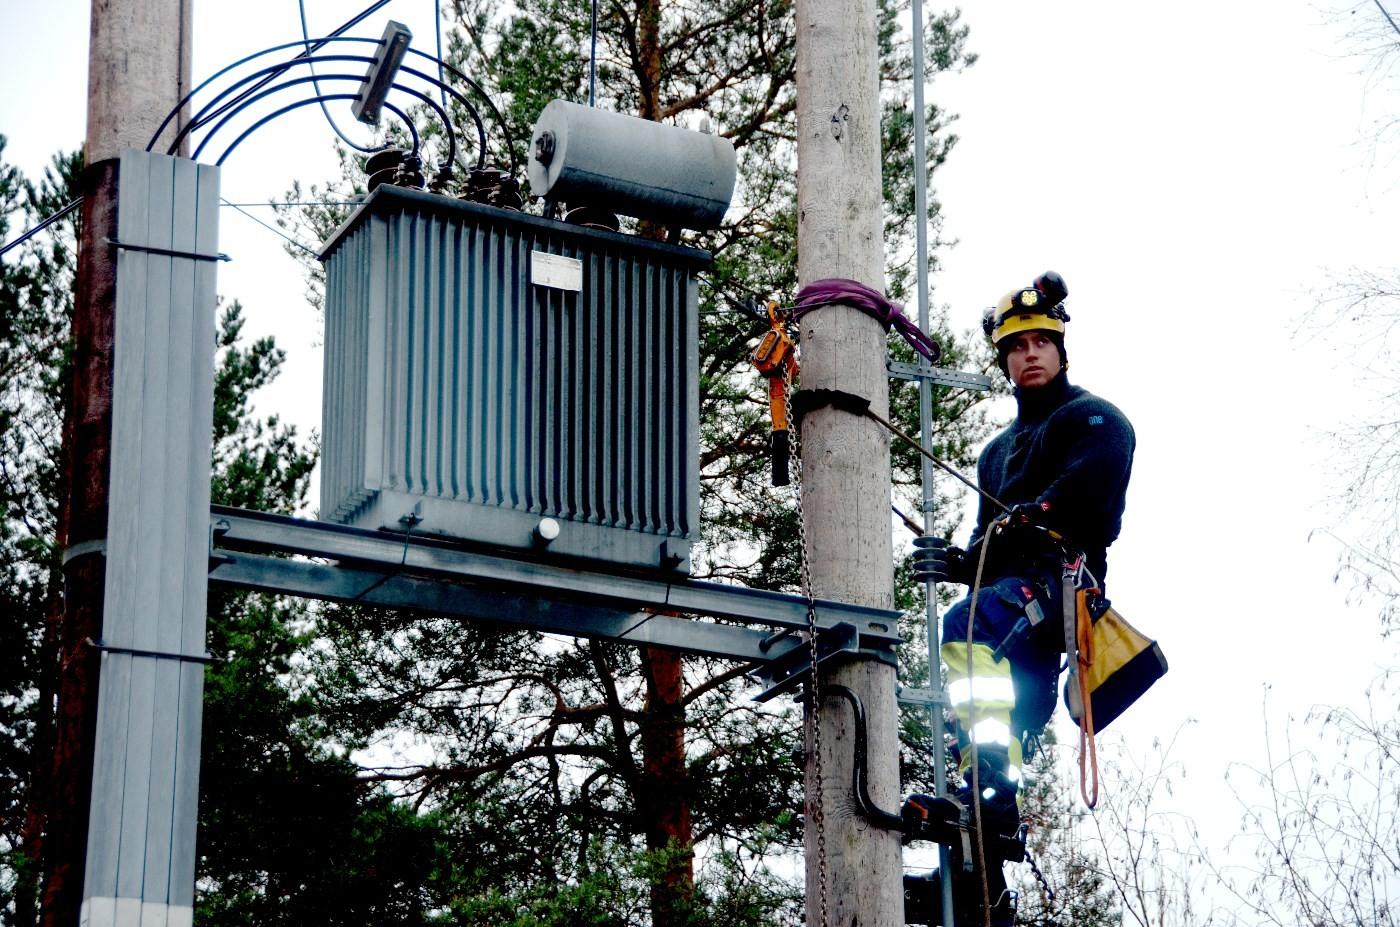 Arkivbilde: Kim Kristensen frå Surnadal jobber med montering av fiberkabel inn til Todalen.  Foto: Jon Olav Ørsal